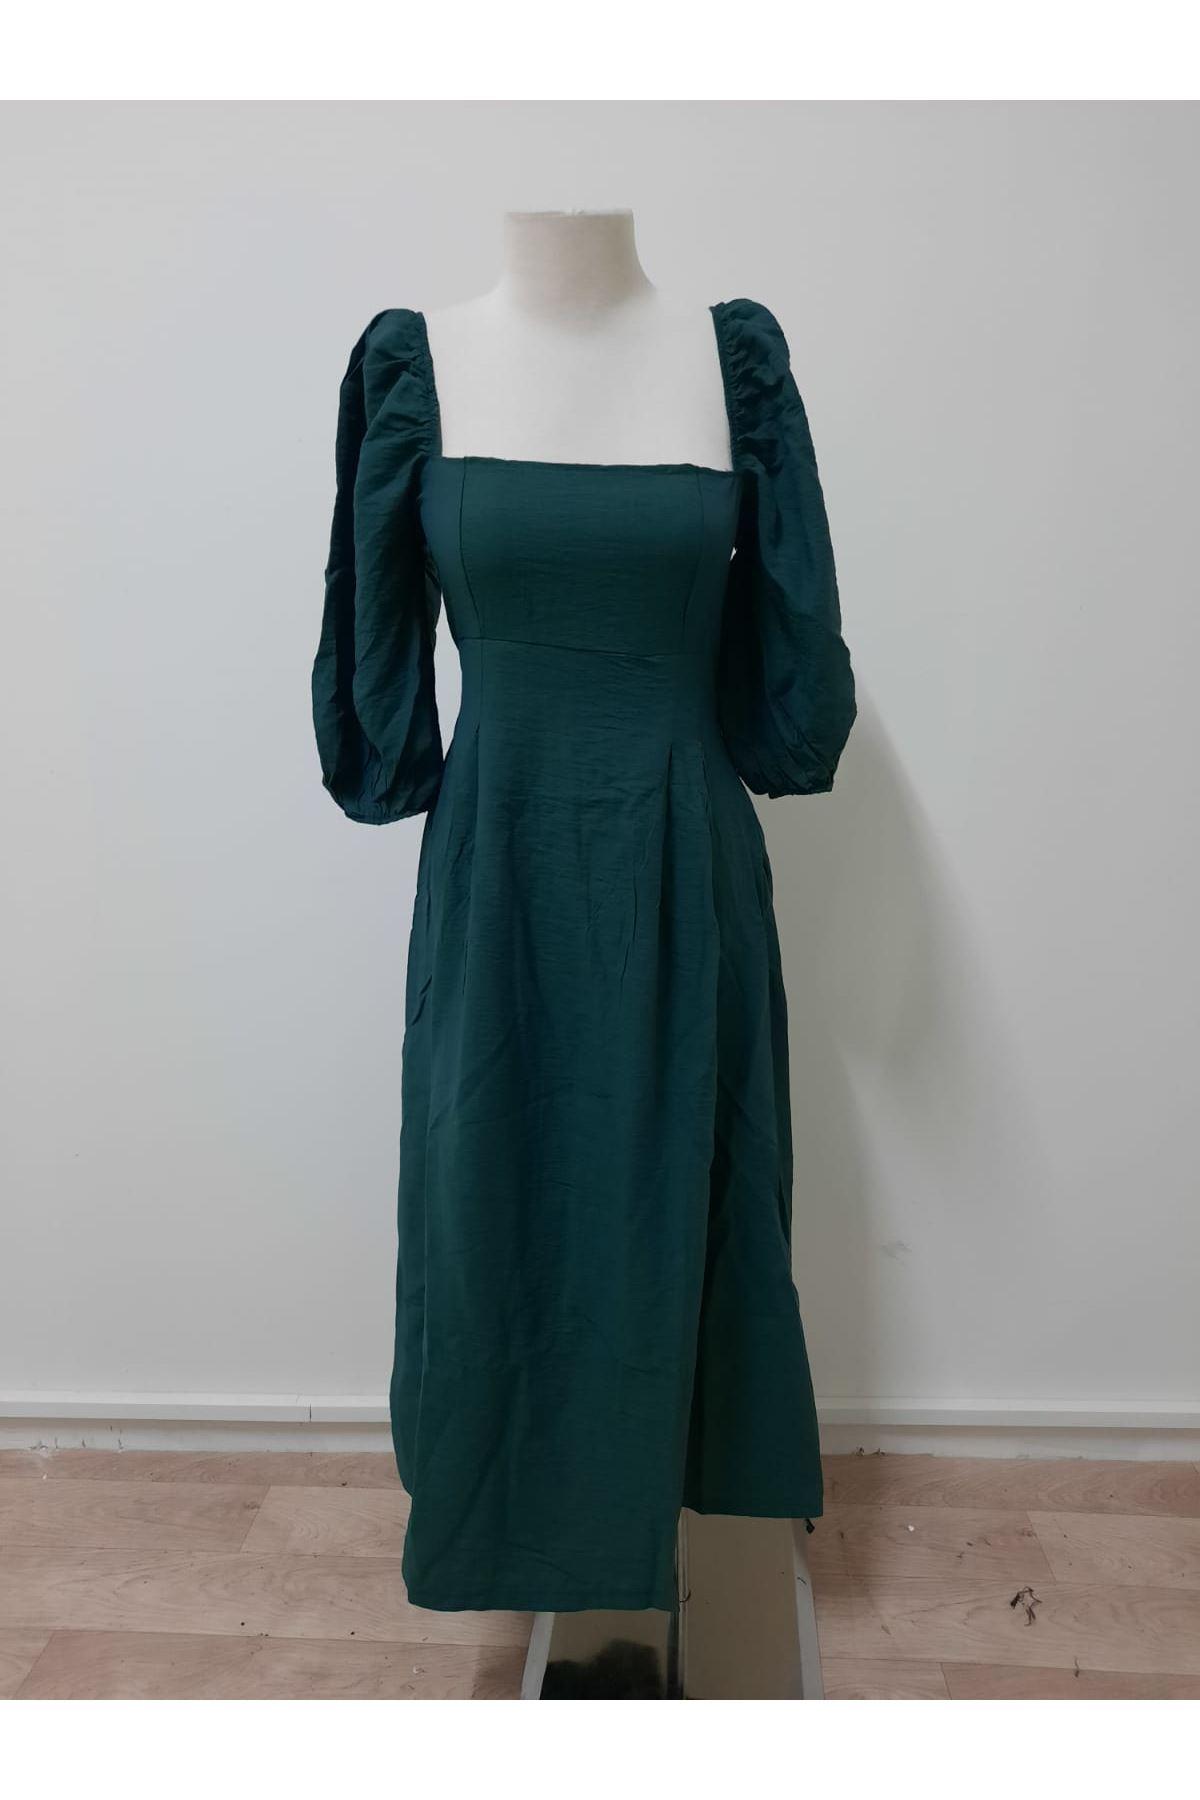 Balon Kol 3 Renk Elbise - yeşil